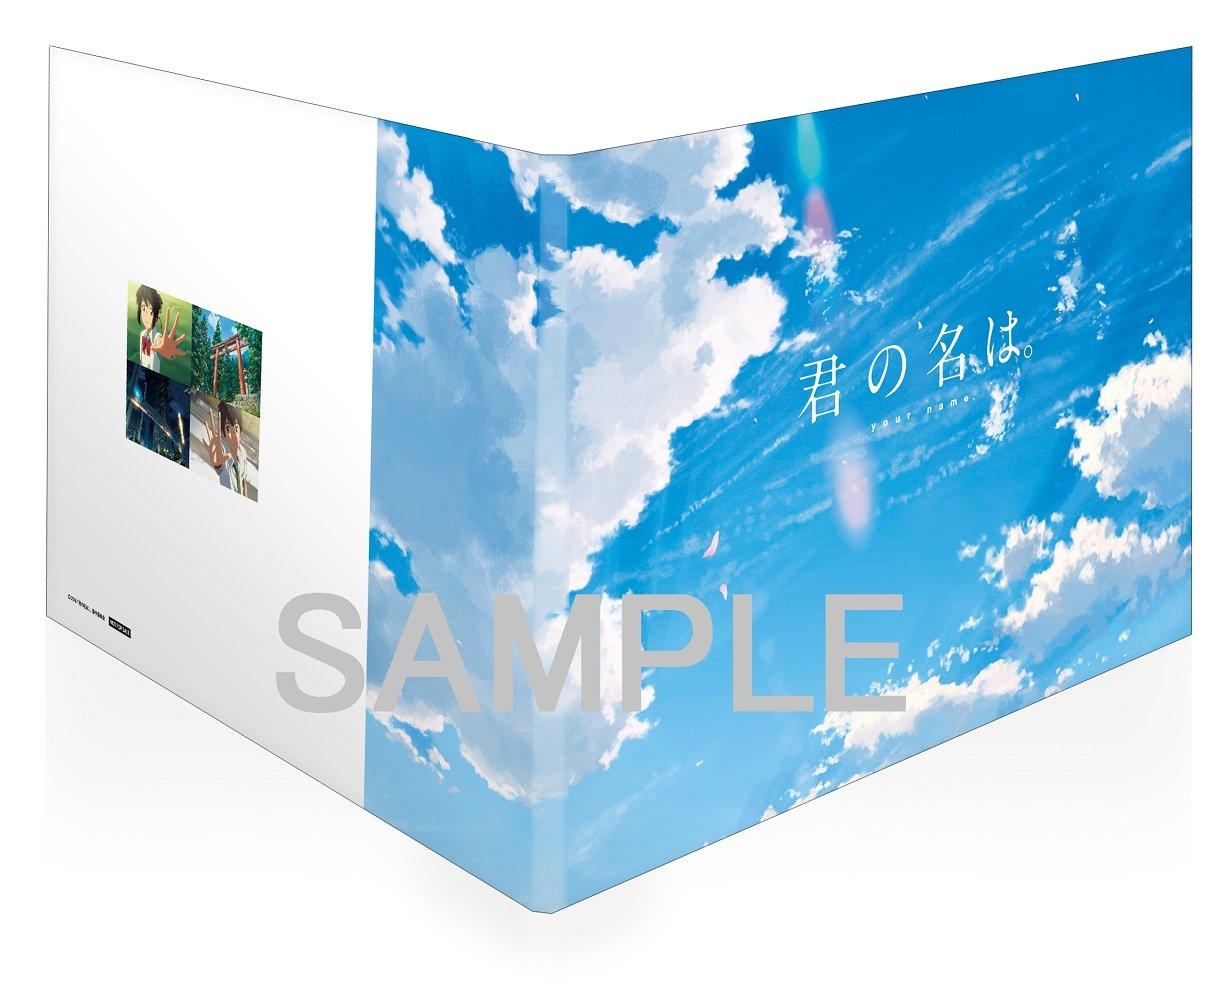 https://images-na.ssl-images-amazon.com/images/I/71CQgnzQ4TL._SL1229_.jpg